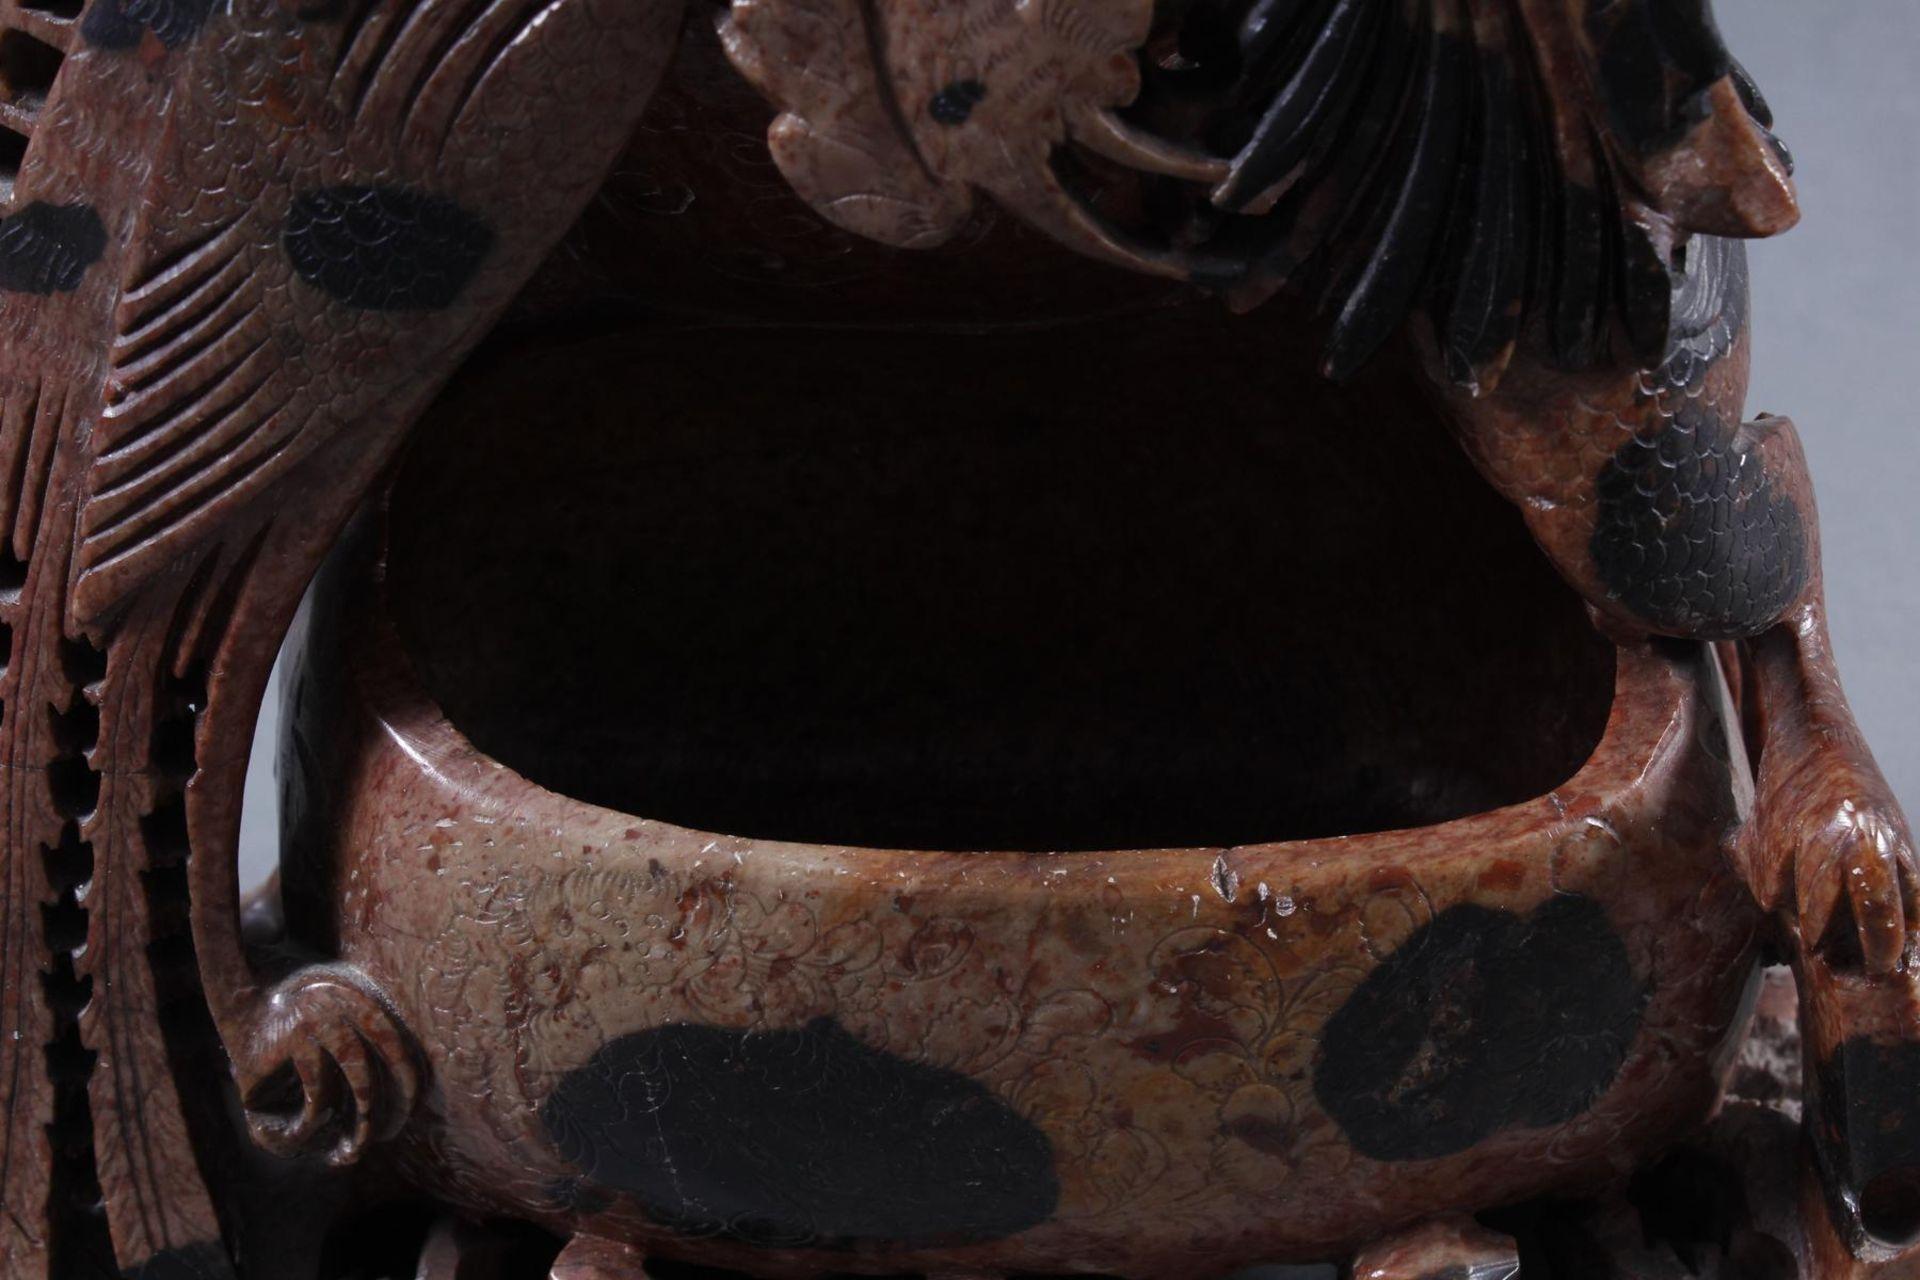 Tuschepinselwascher aus Steatit mit Zwei Becken, China Anfang 20 Jahrhundert - Bild 14 aus 16